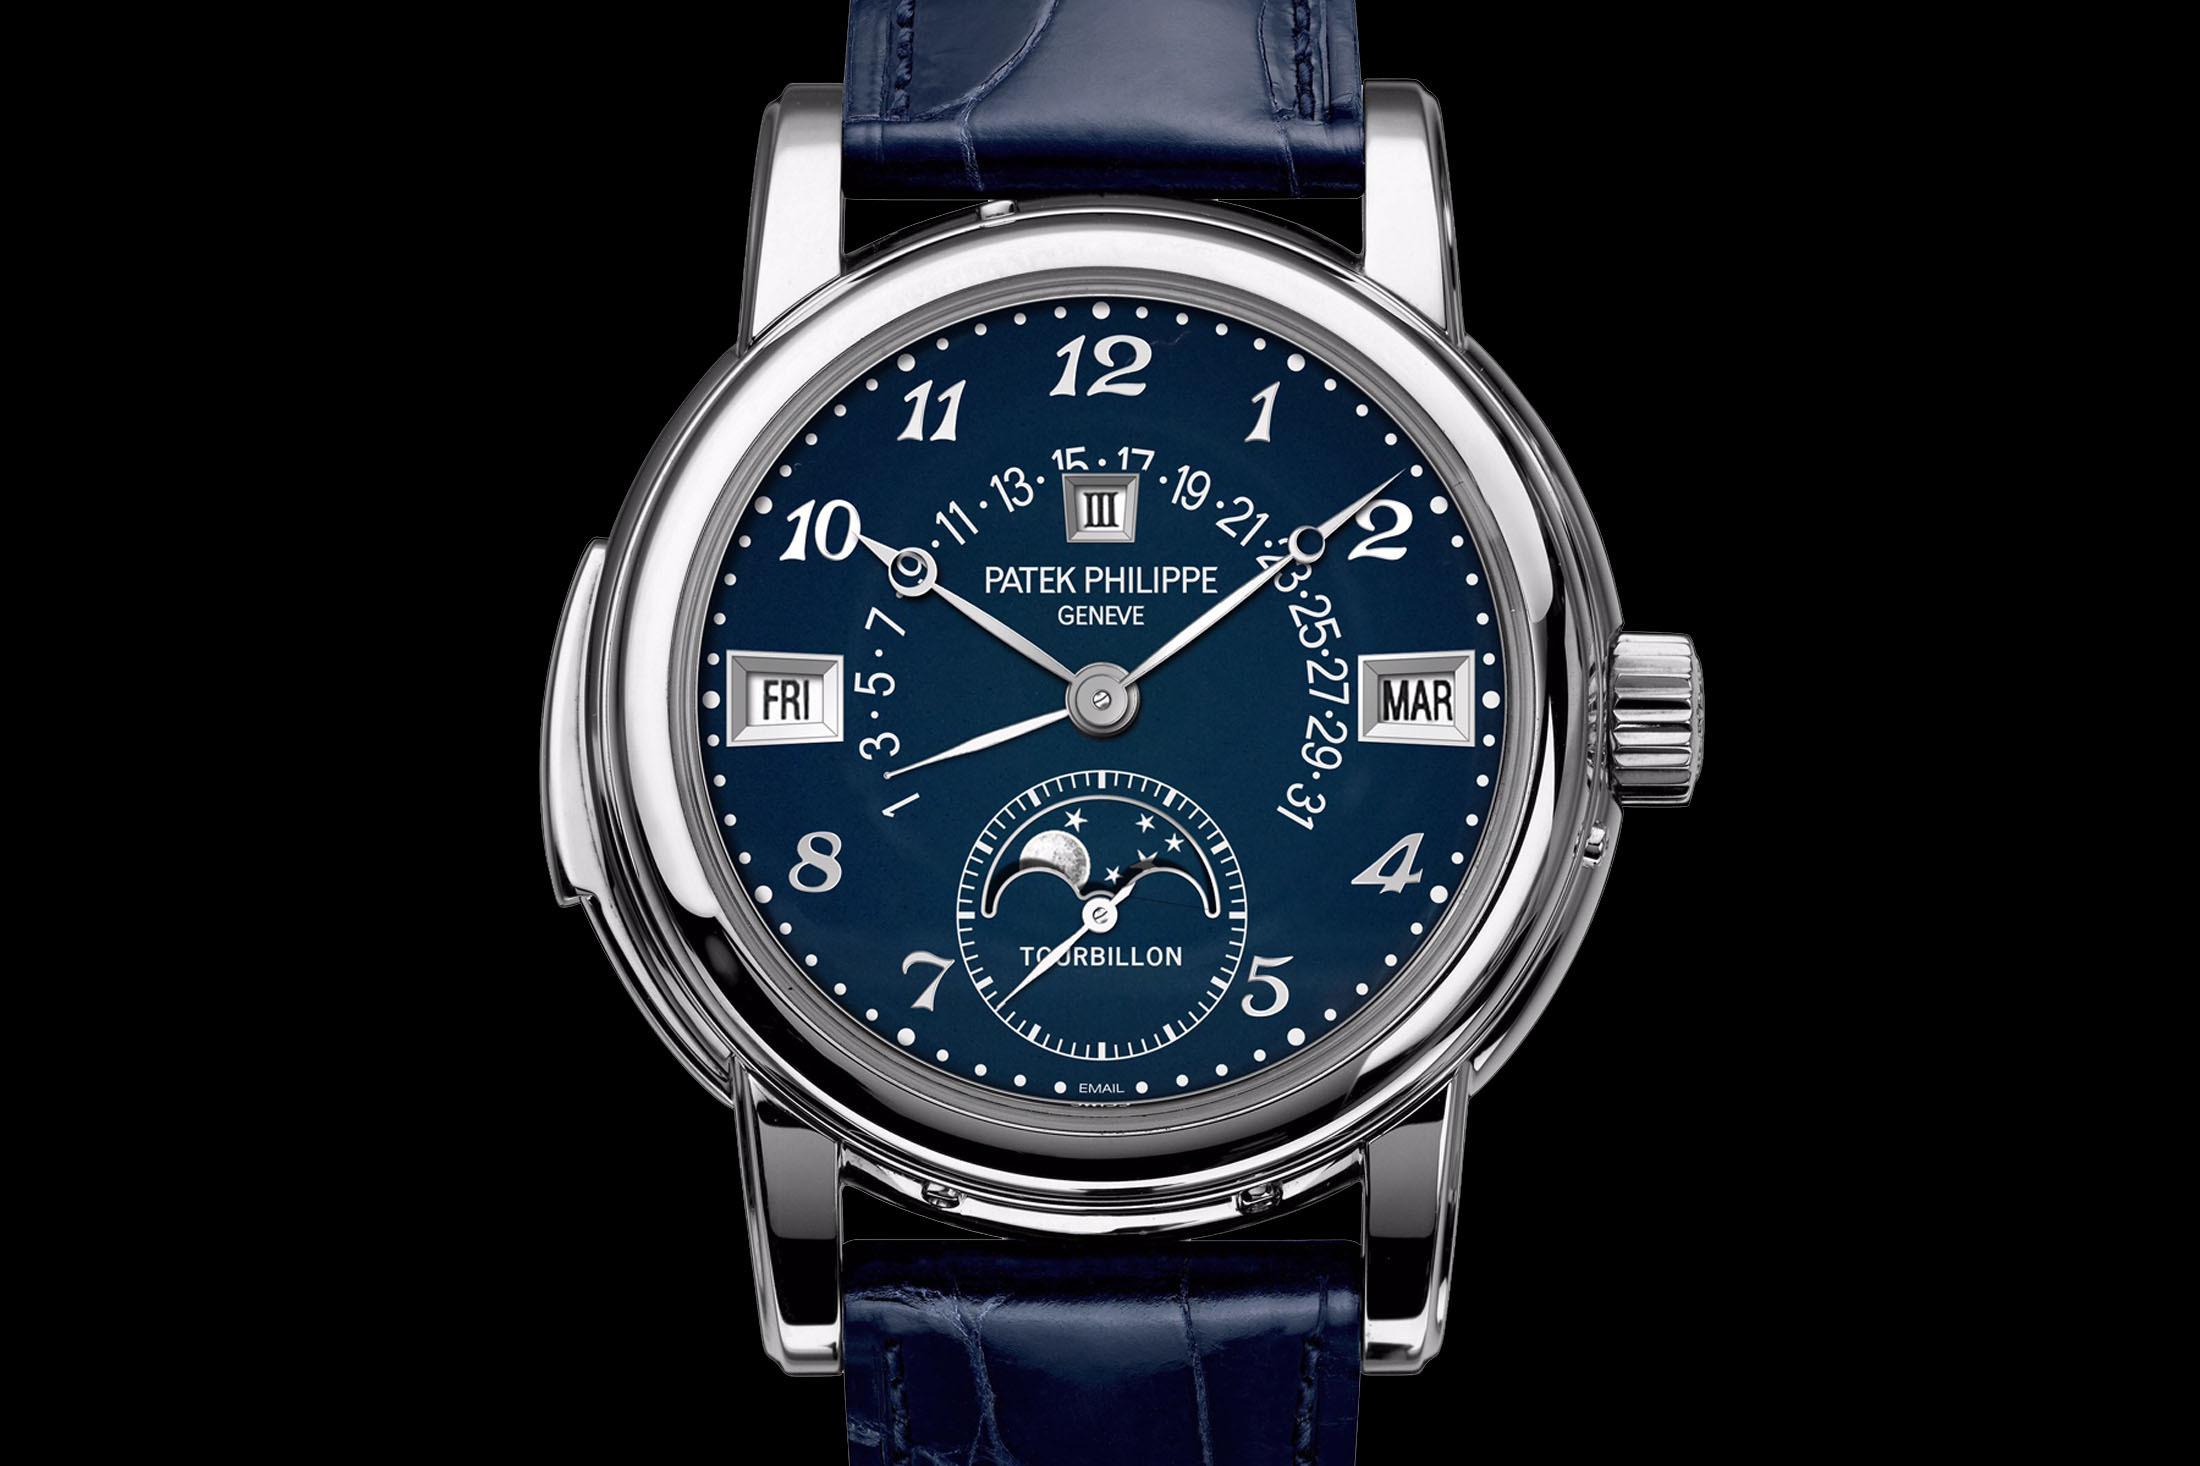 新しい記事: パテック フィリップ<br>スチール製時計が9億円で落札